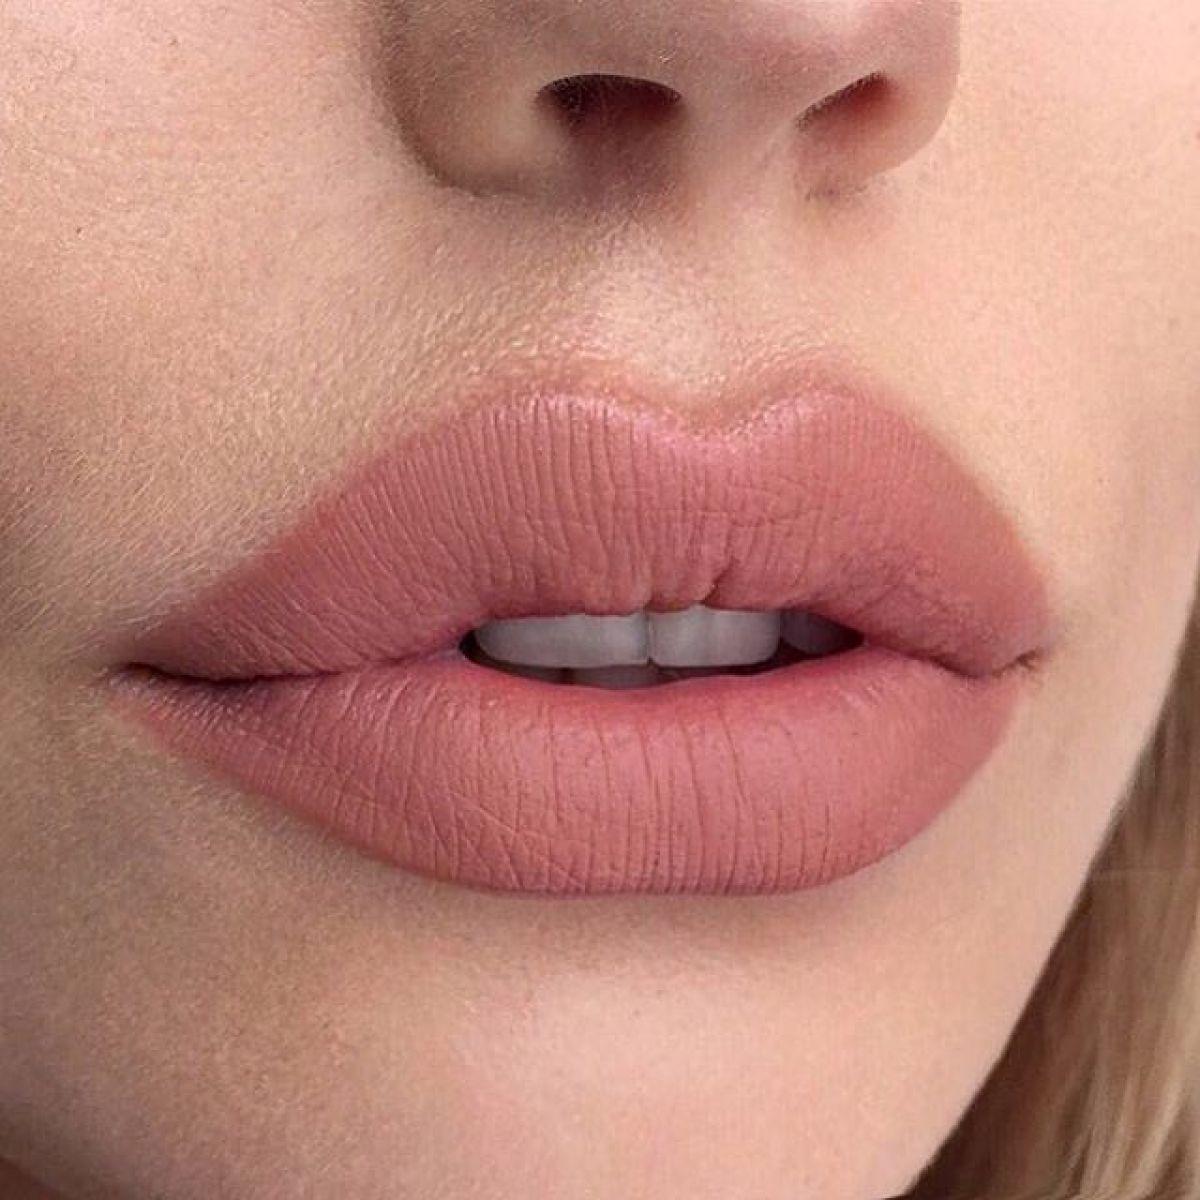 Injection acide Hyaluronique (lèvres) à Bourg-lès-Valence (26) Par Tina - Estheca